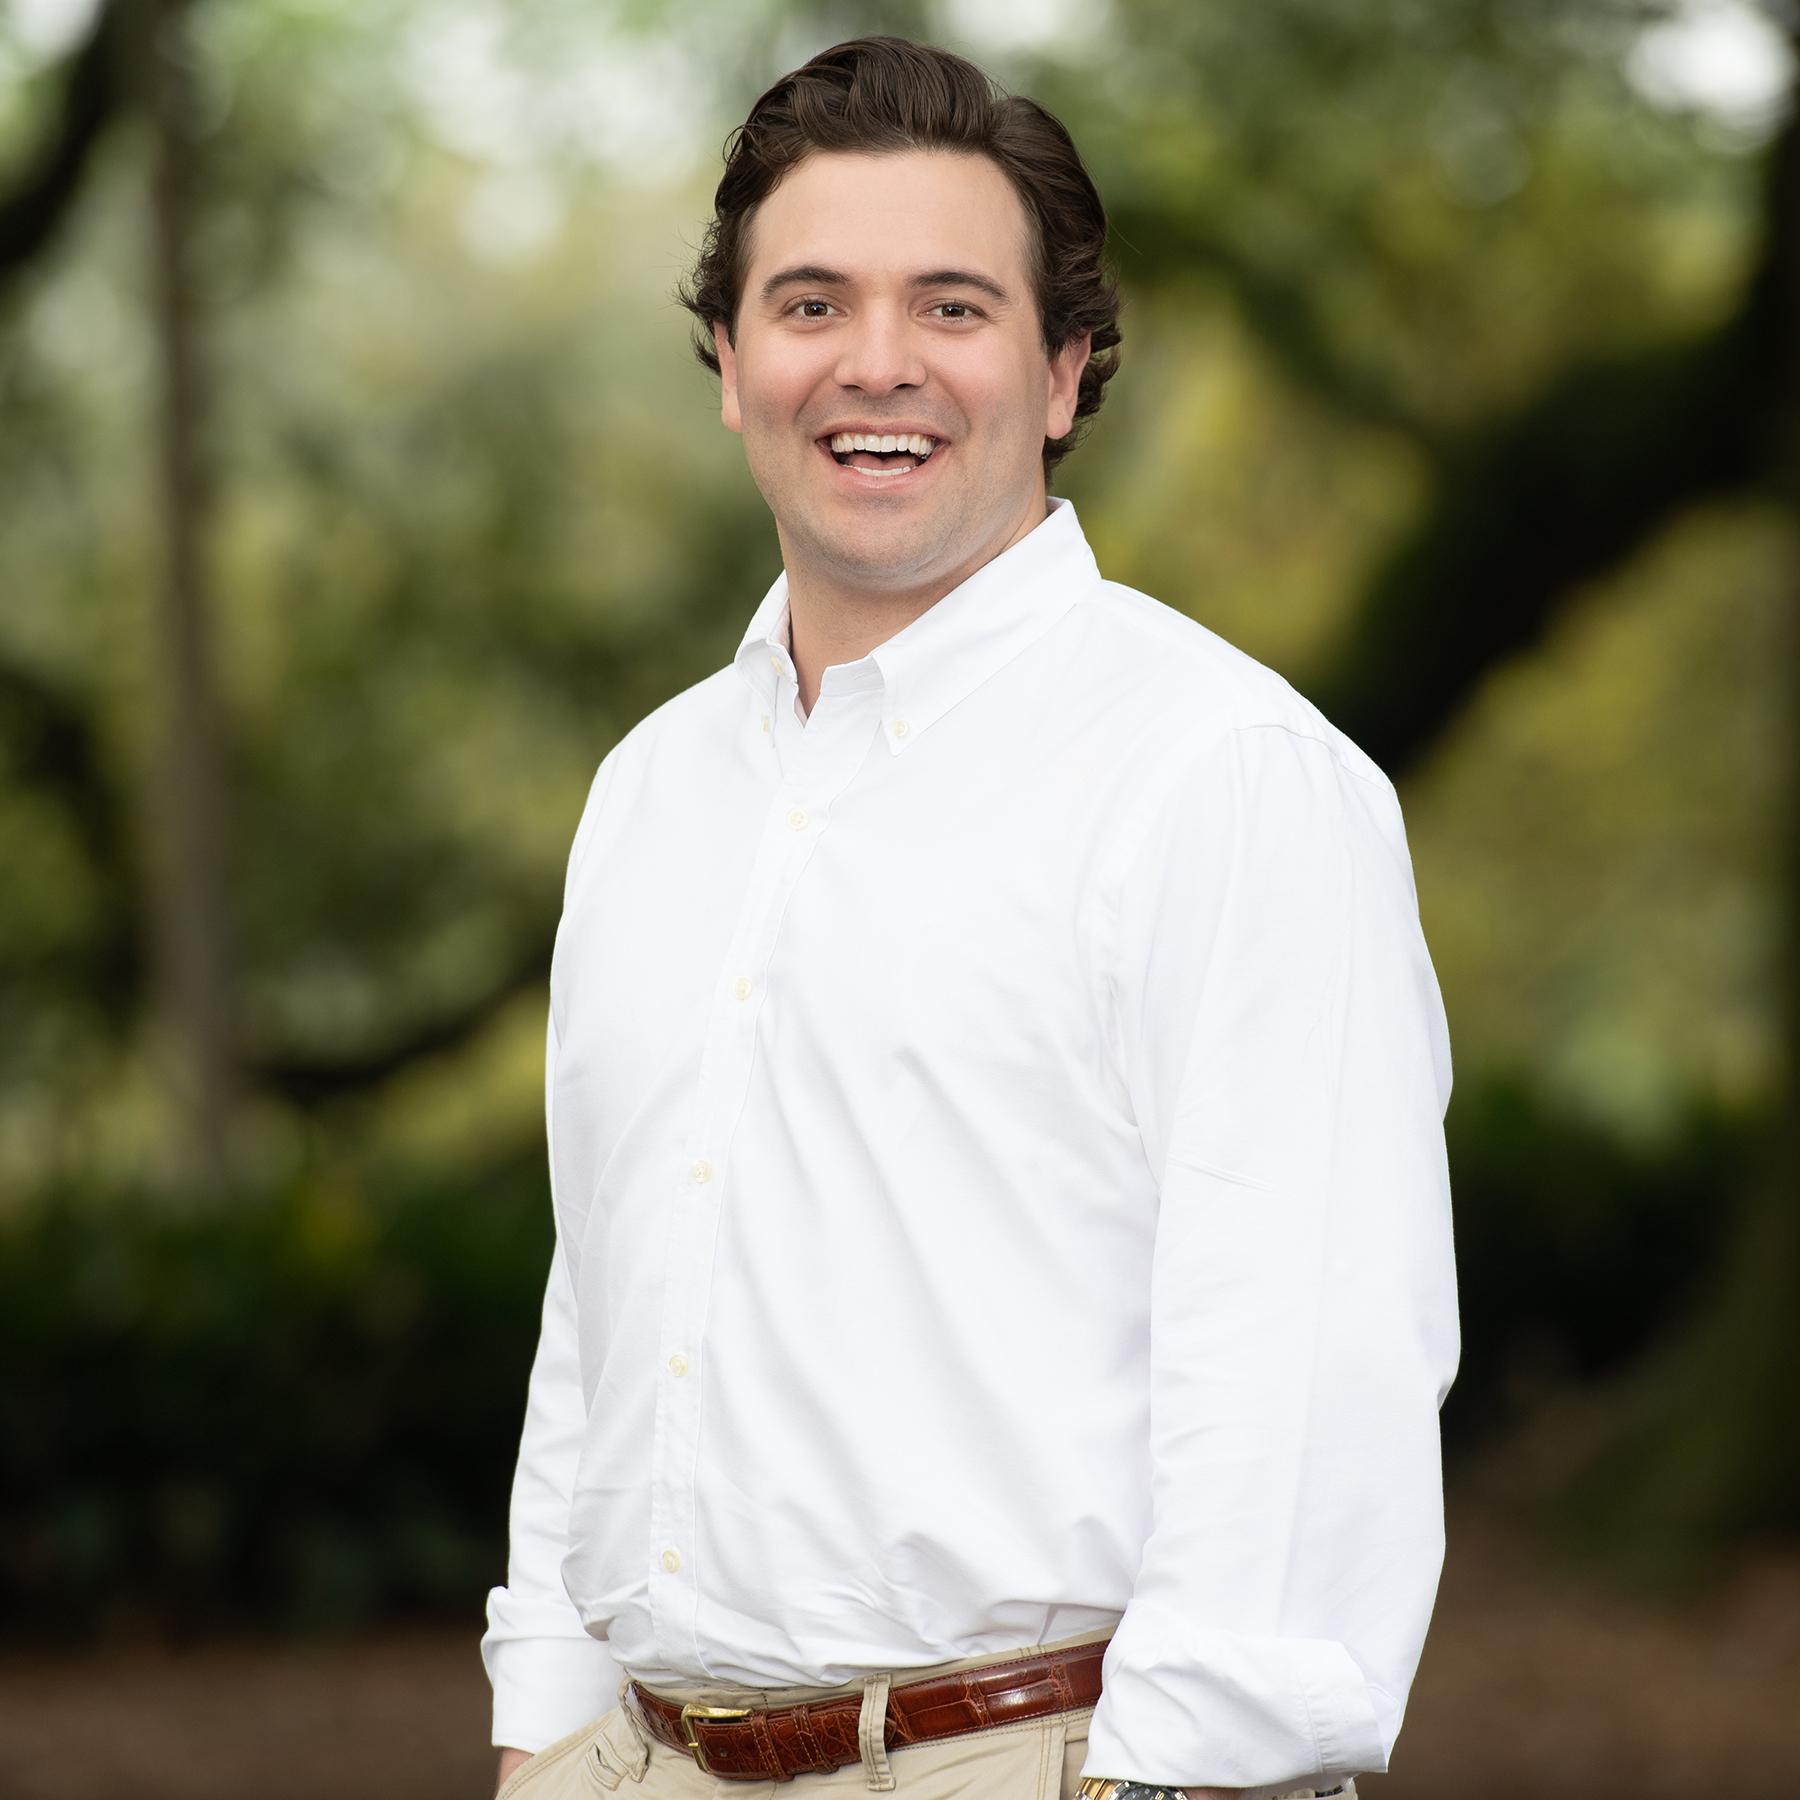 Andrew Miller, MBA